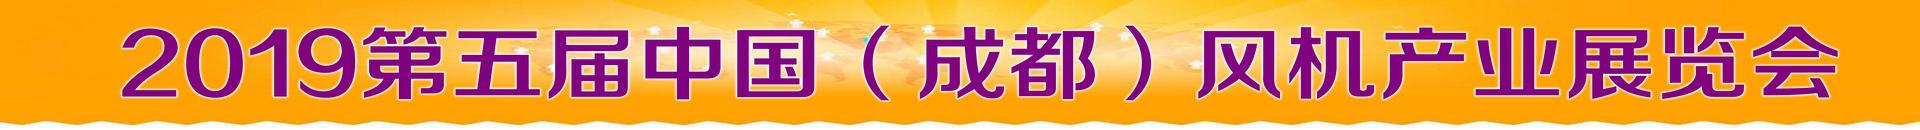 2019第五届中国(成都)国际风机展览会